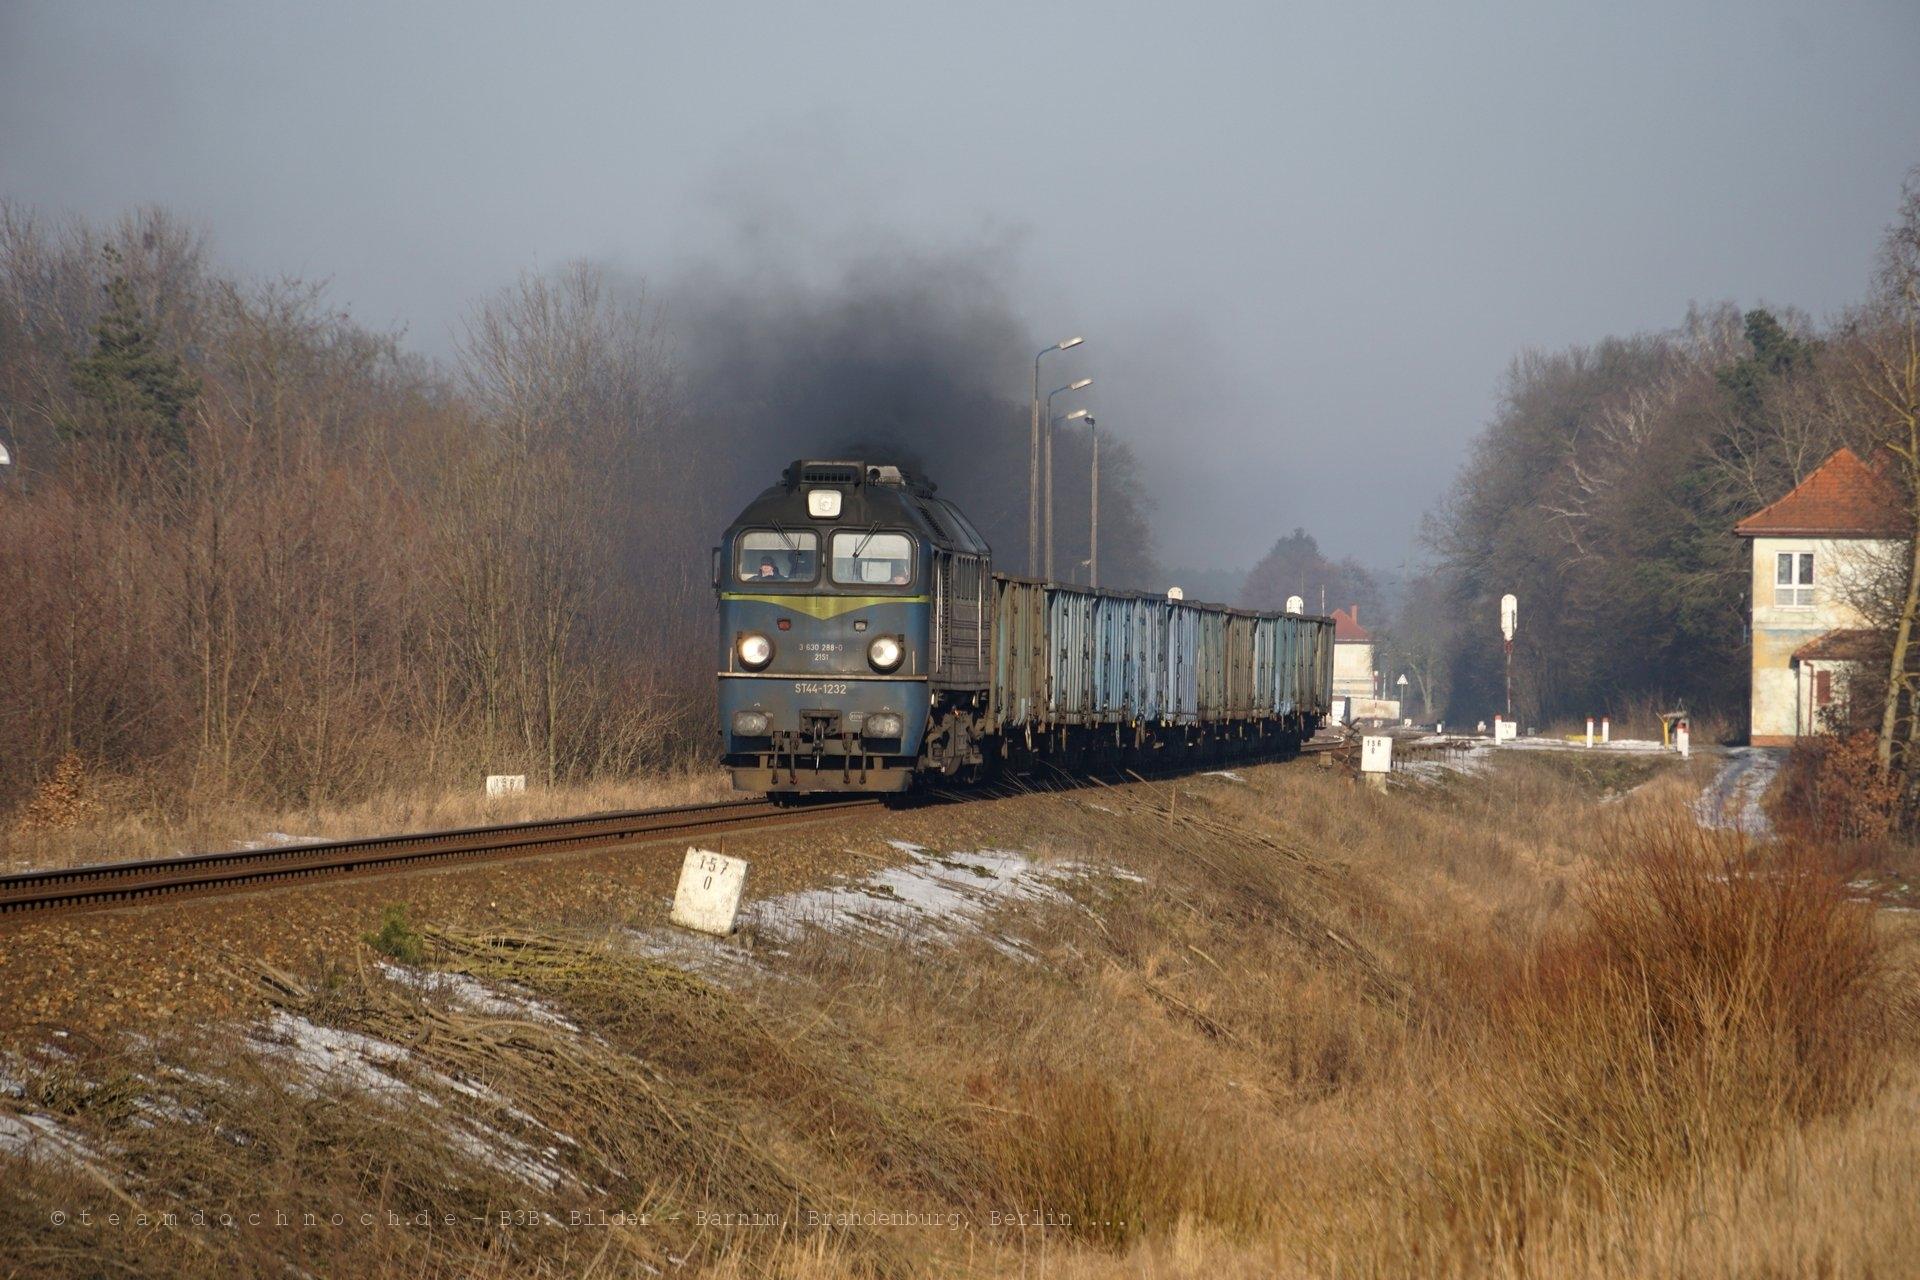 Ausfahrt von ST44-1232 aus dem Bahnhof Krajenka